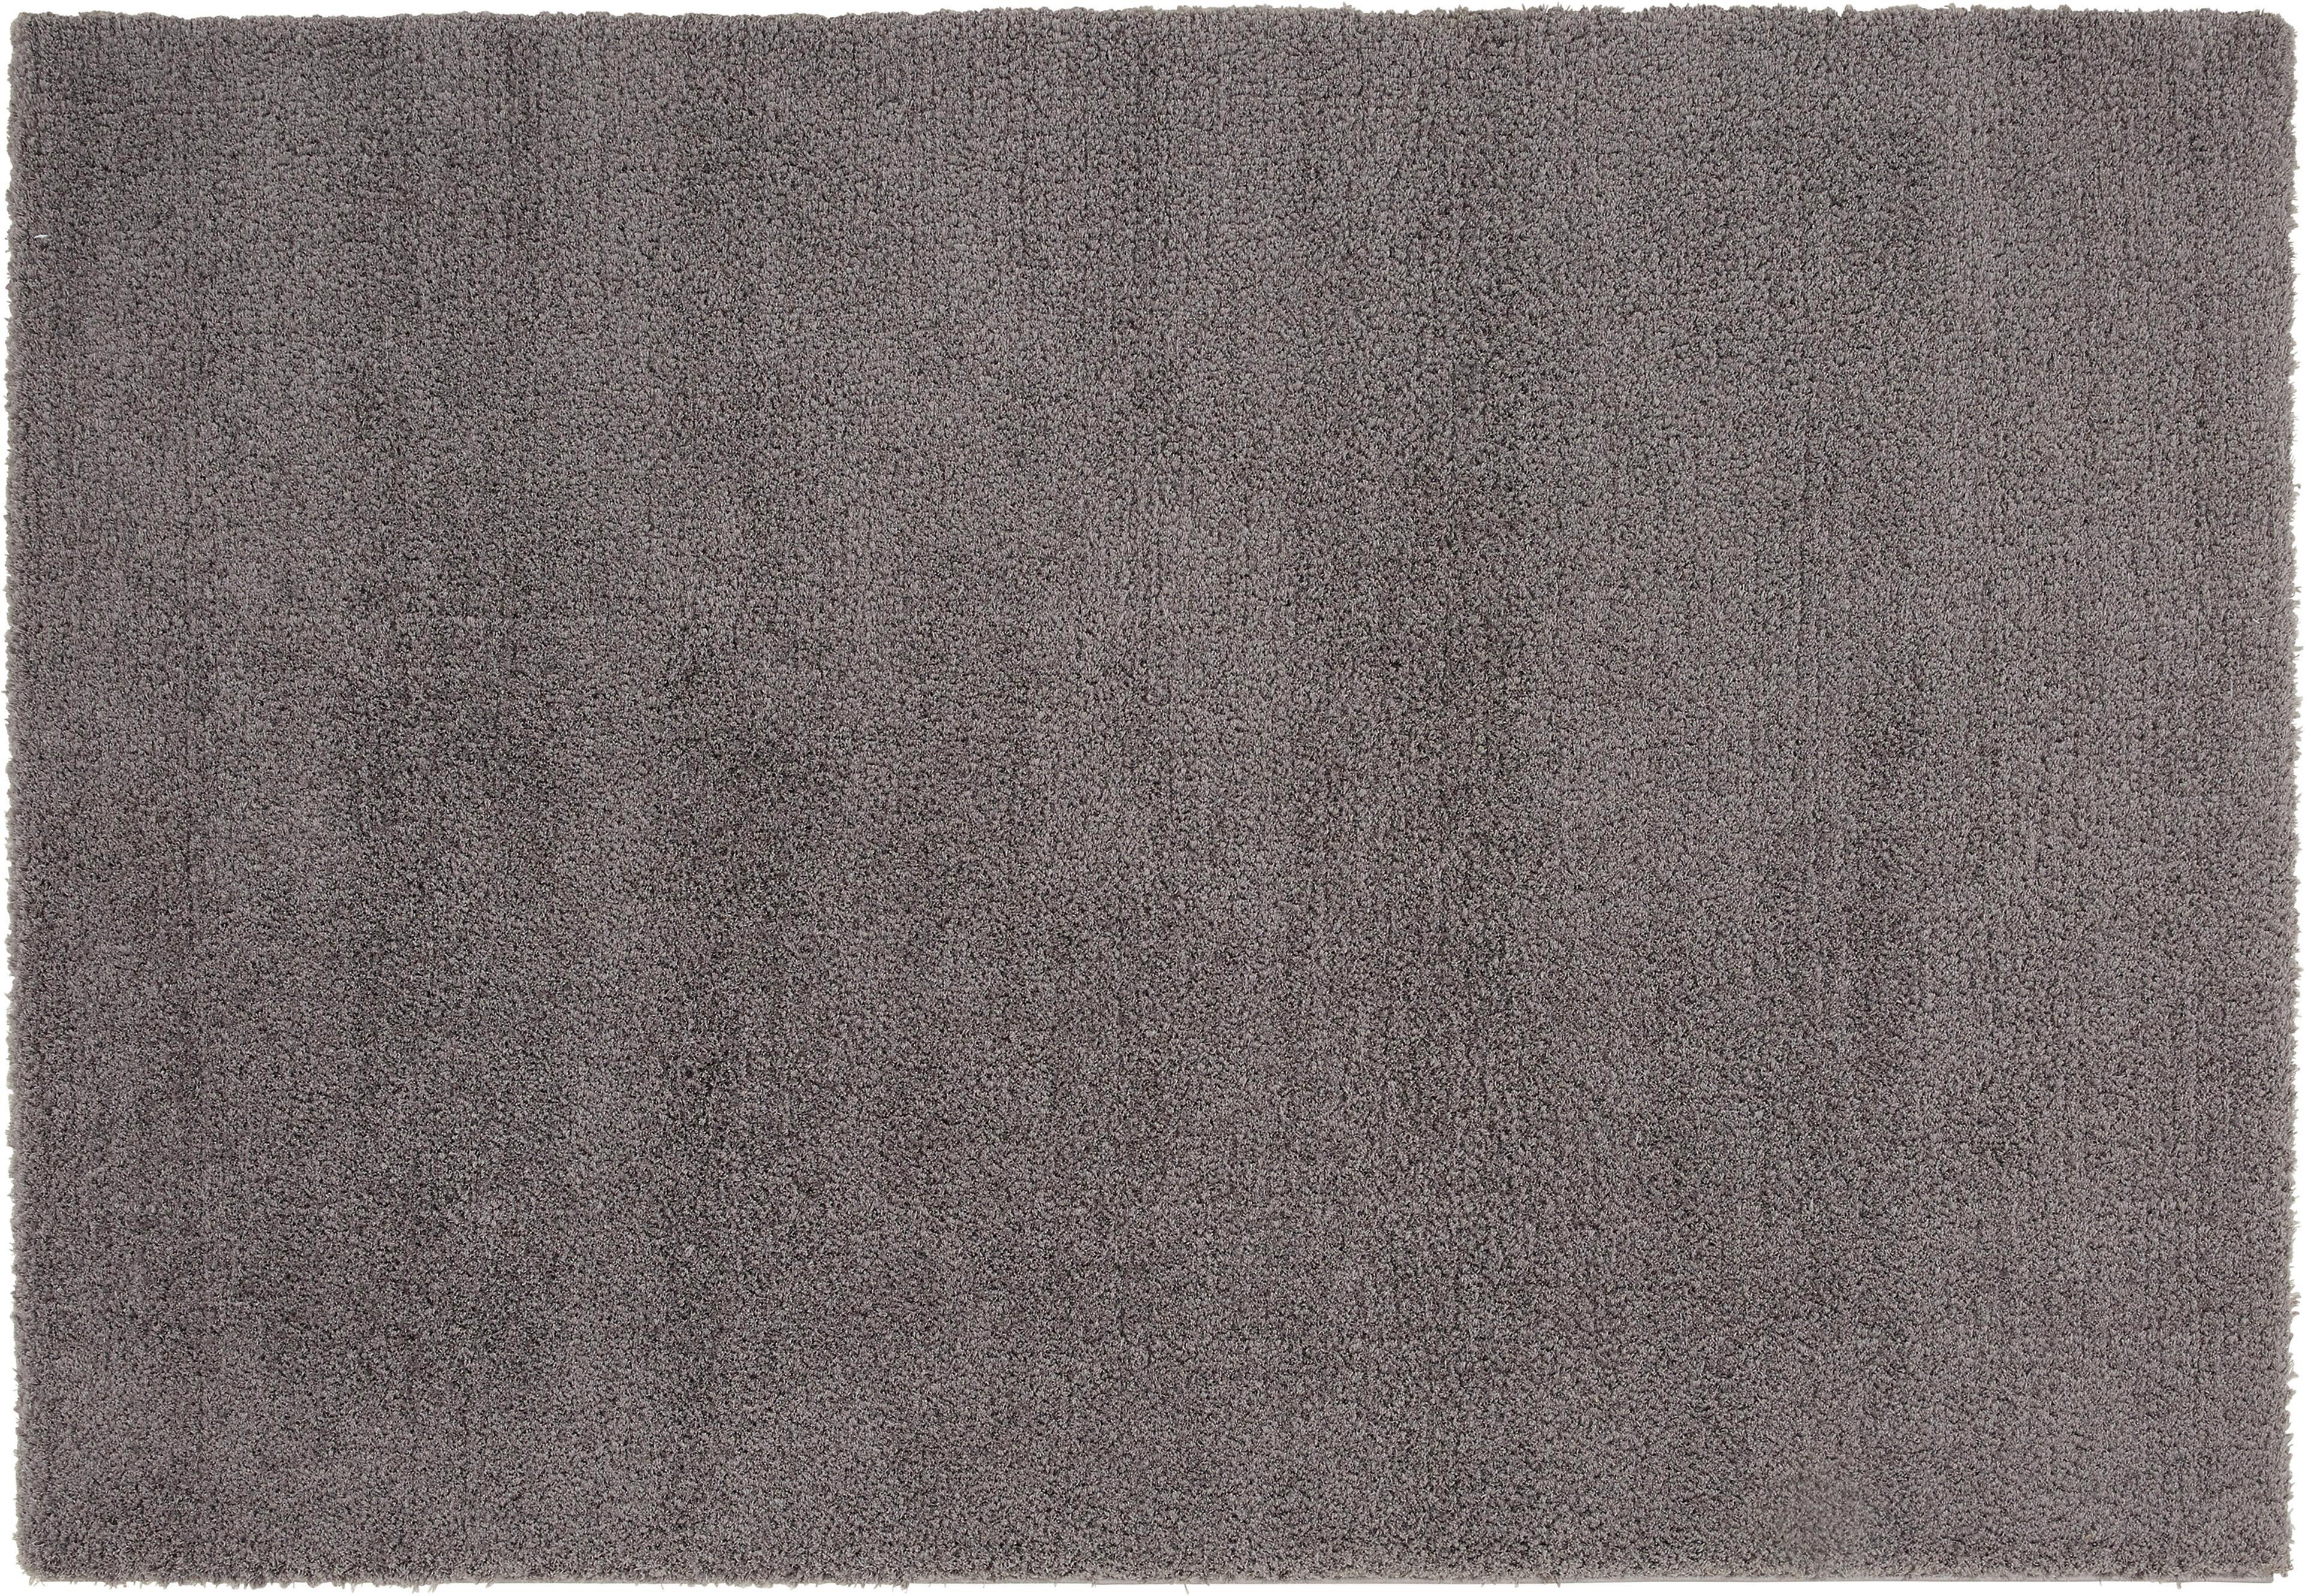 Szőnyeg Stefan 1 - sötétszürke, modern (80/150cm) - MÖMAX modern living